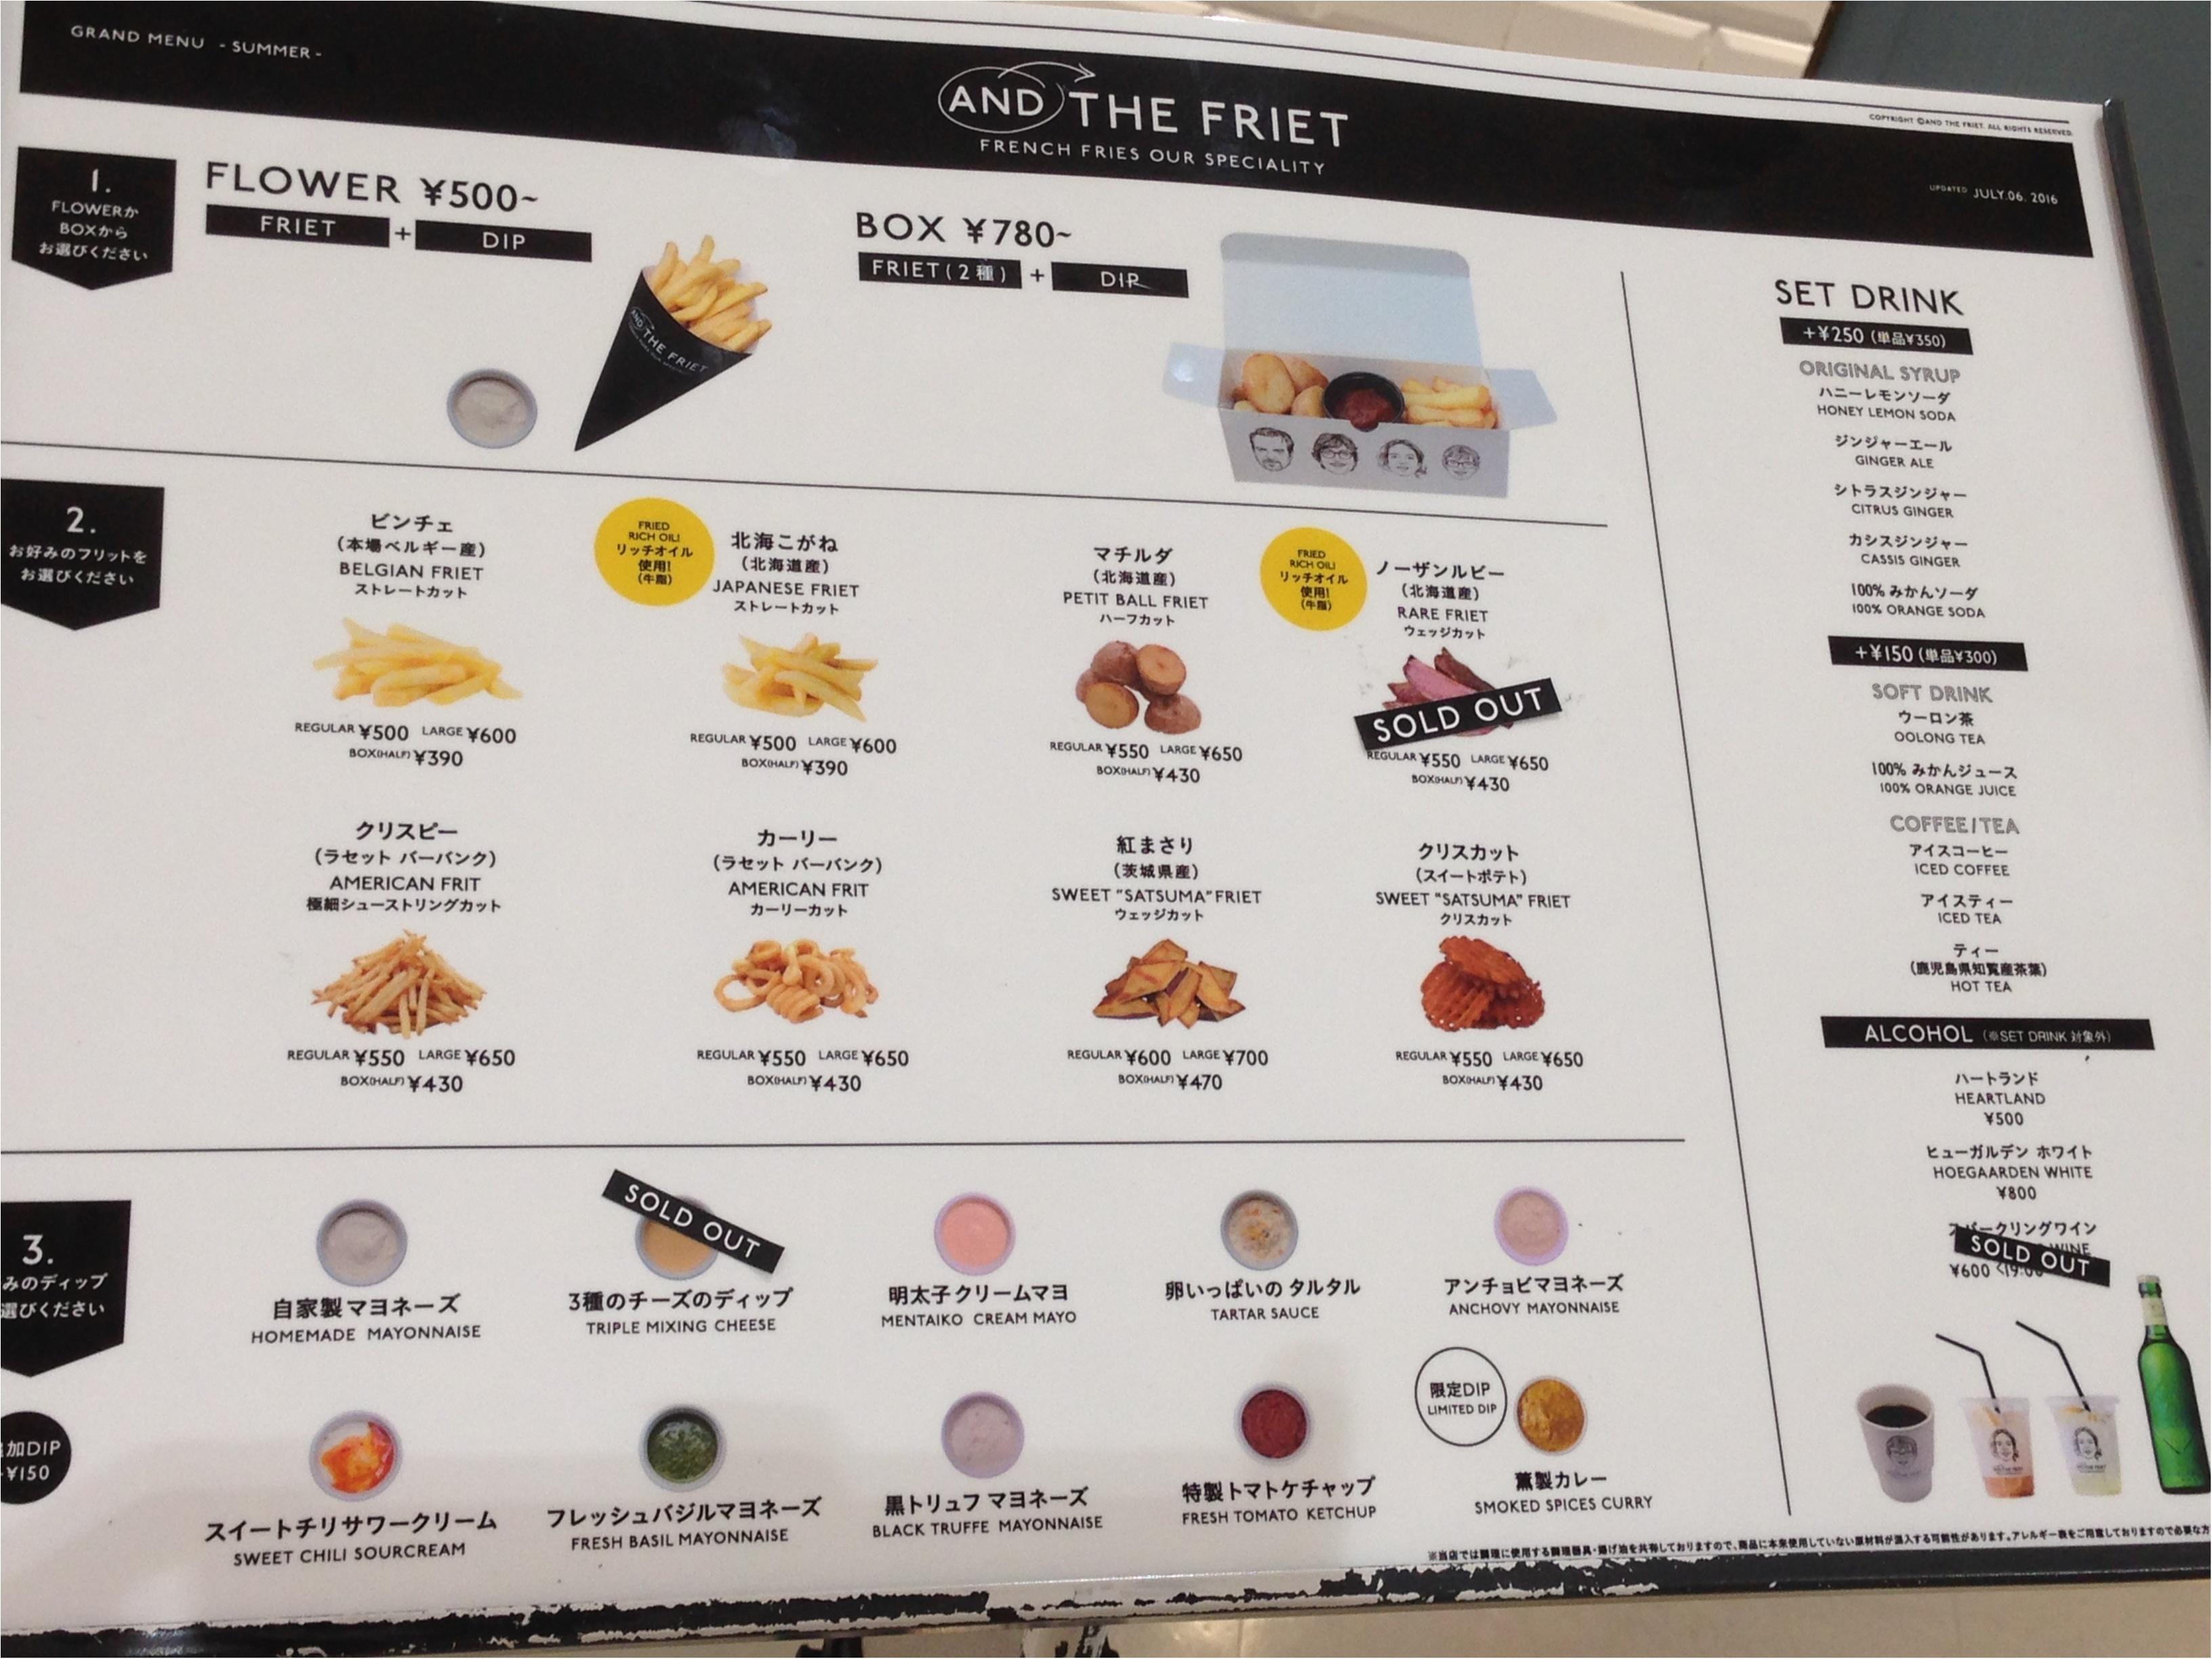 無性に食べたくなるフライドポテト(ノ∀`笑))そんな時は新感覚でリッチなフレンチフライ専門店AND THE FRIETへGO≡3_2